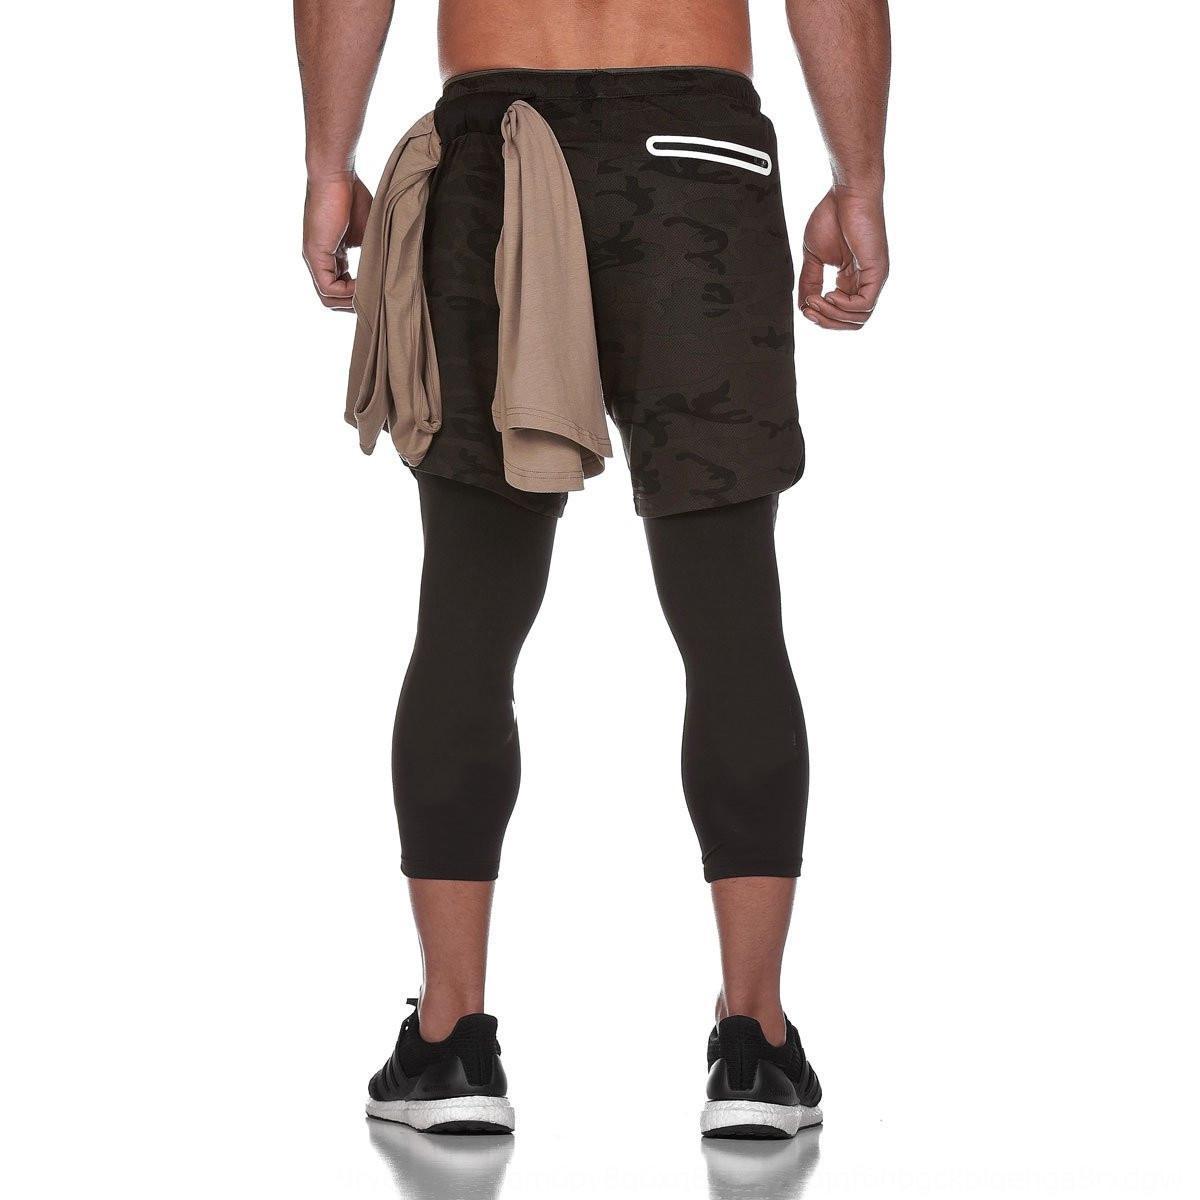 9vzma Yeni spor erkek şort Şort Pantolon ve pantolon ve yaz astar ayak bileği uzunlukta pantolon spor p çalıştıran geril bahar çabuk kuruyan